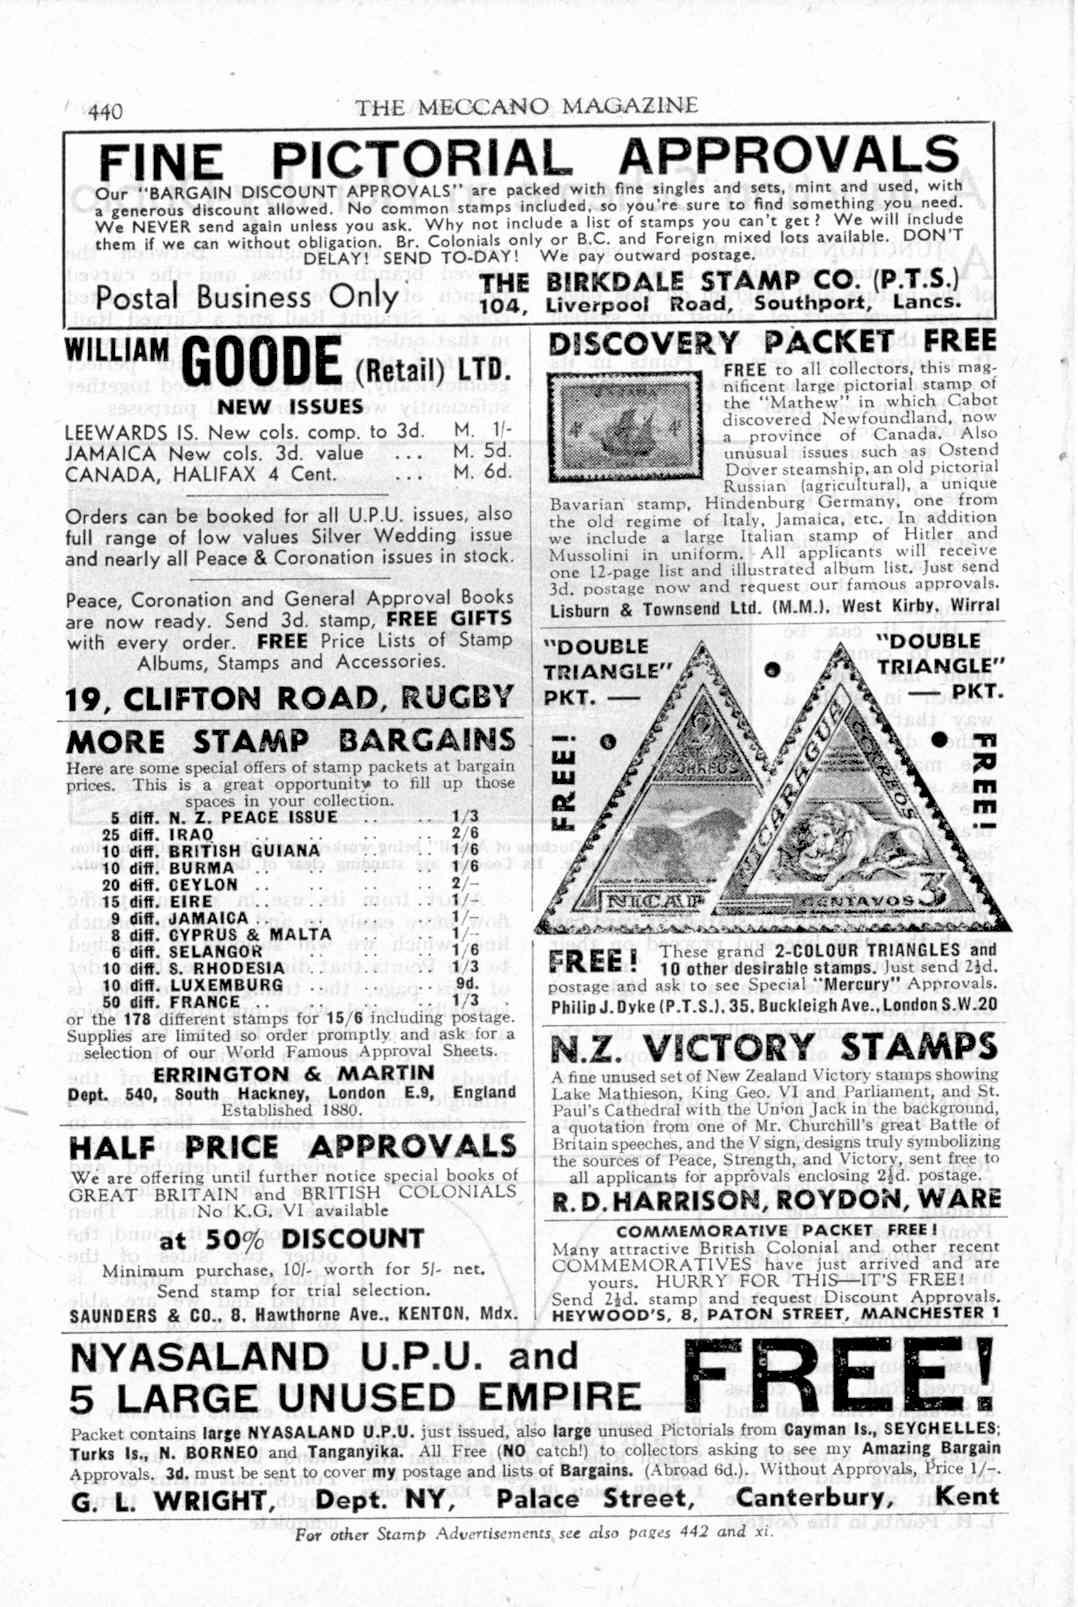 UK Meccano Magazine November 1949 Page 440